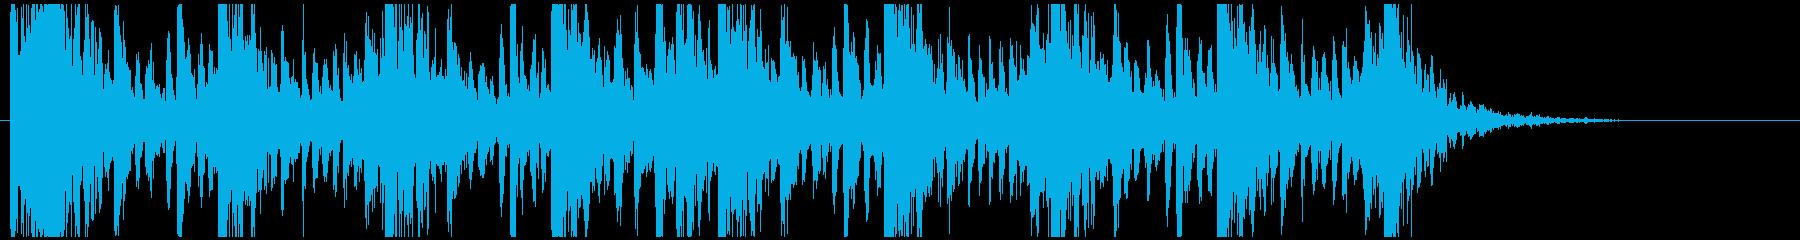 和太鼓のリズム2 残響なしの再生済みの波形